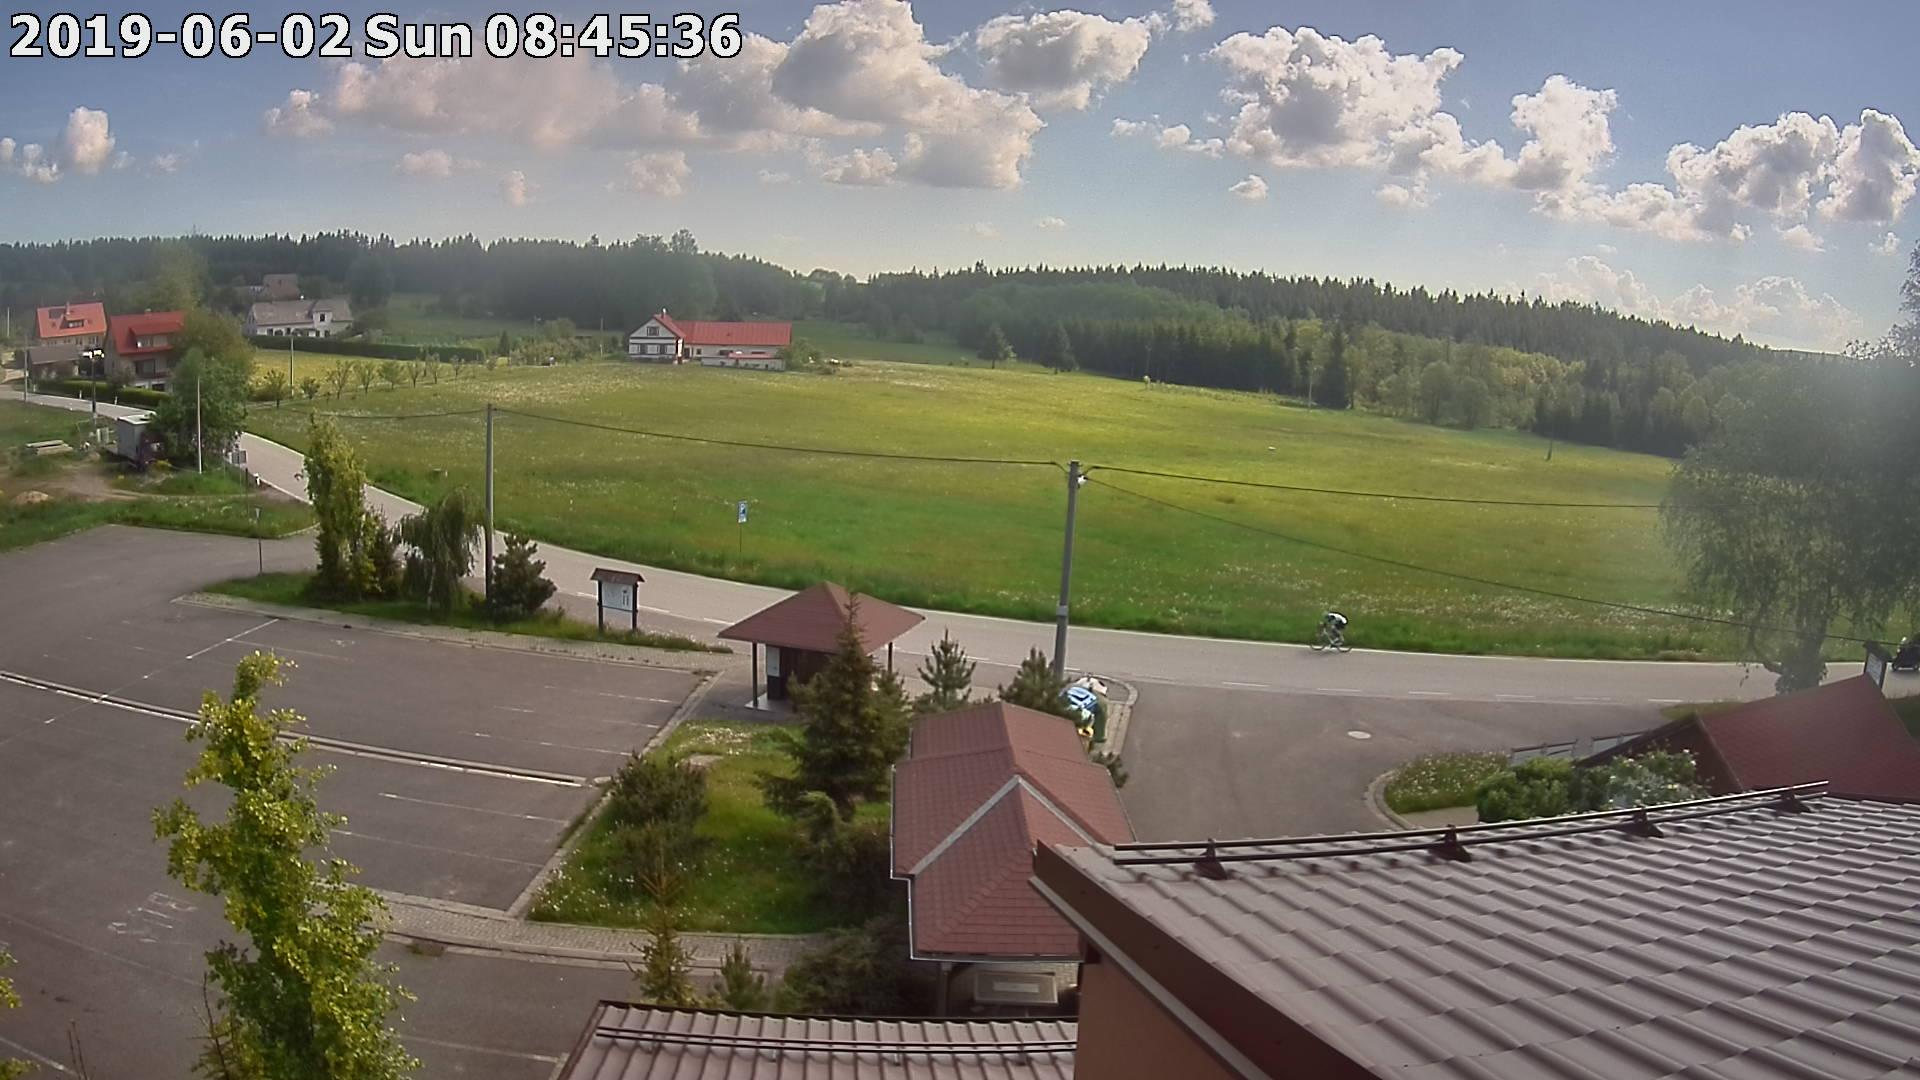 Webkamera ze dne 2019-06-02